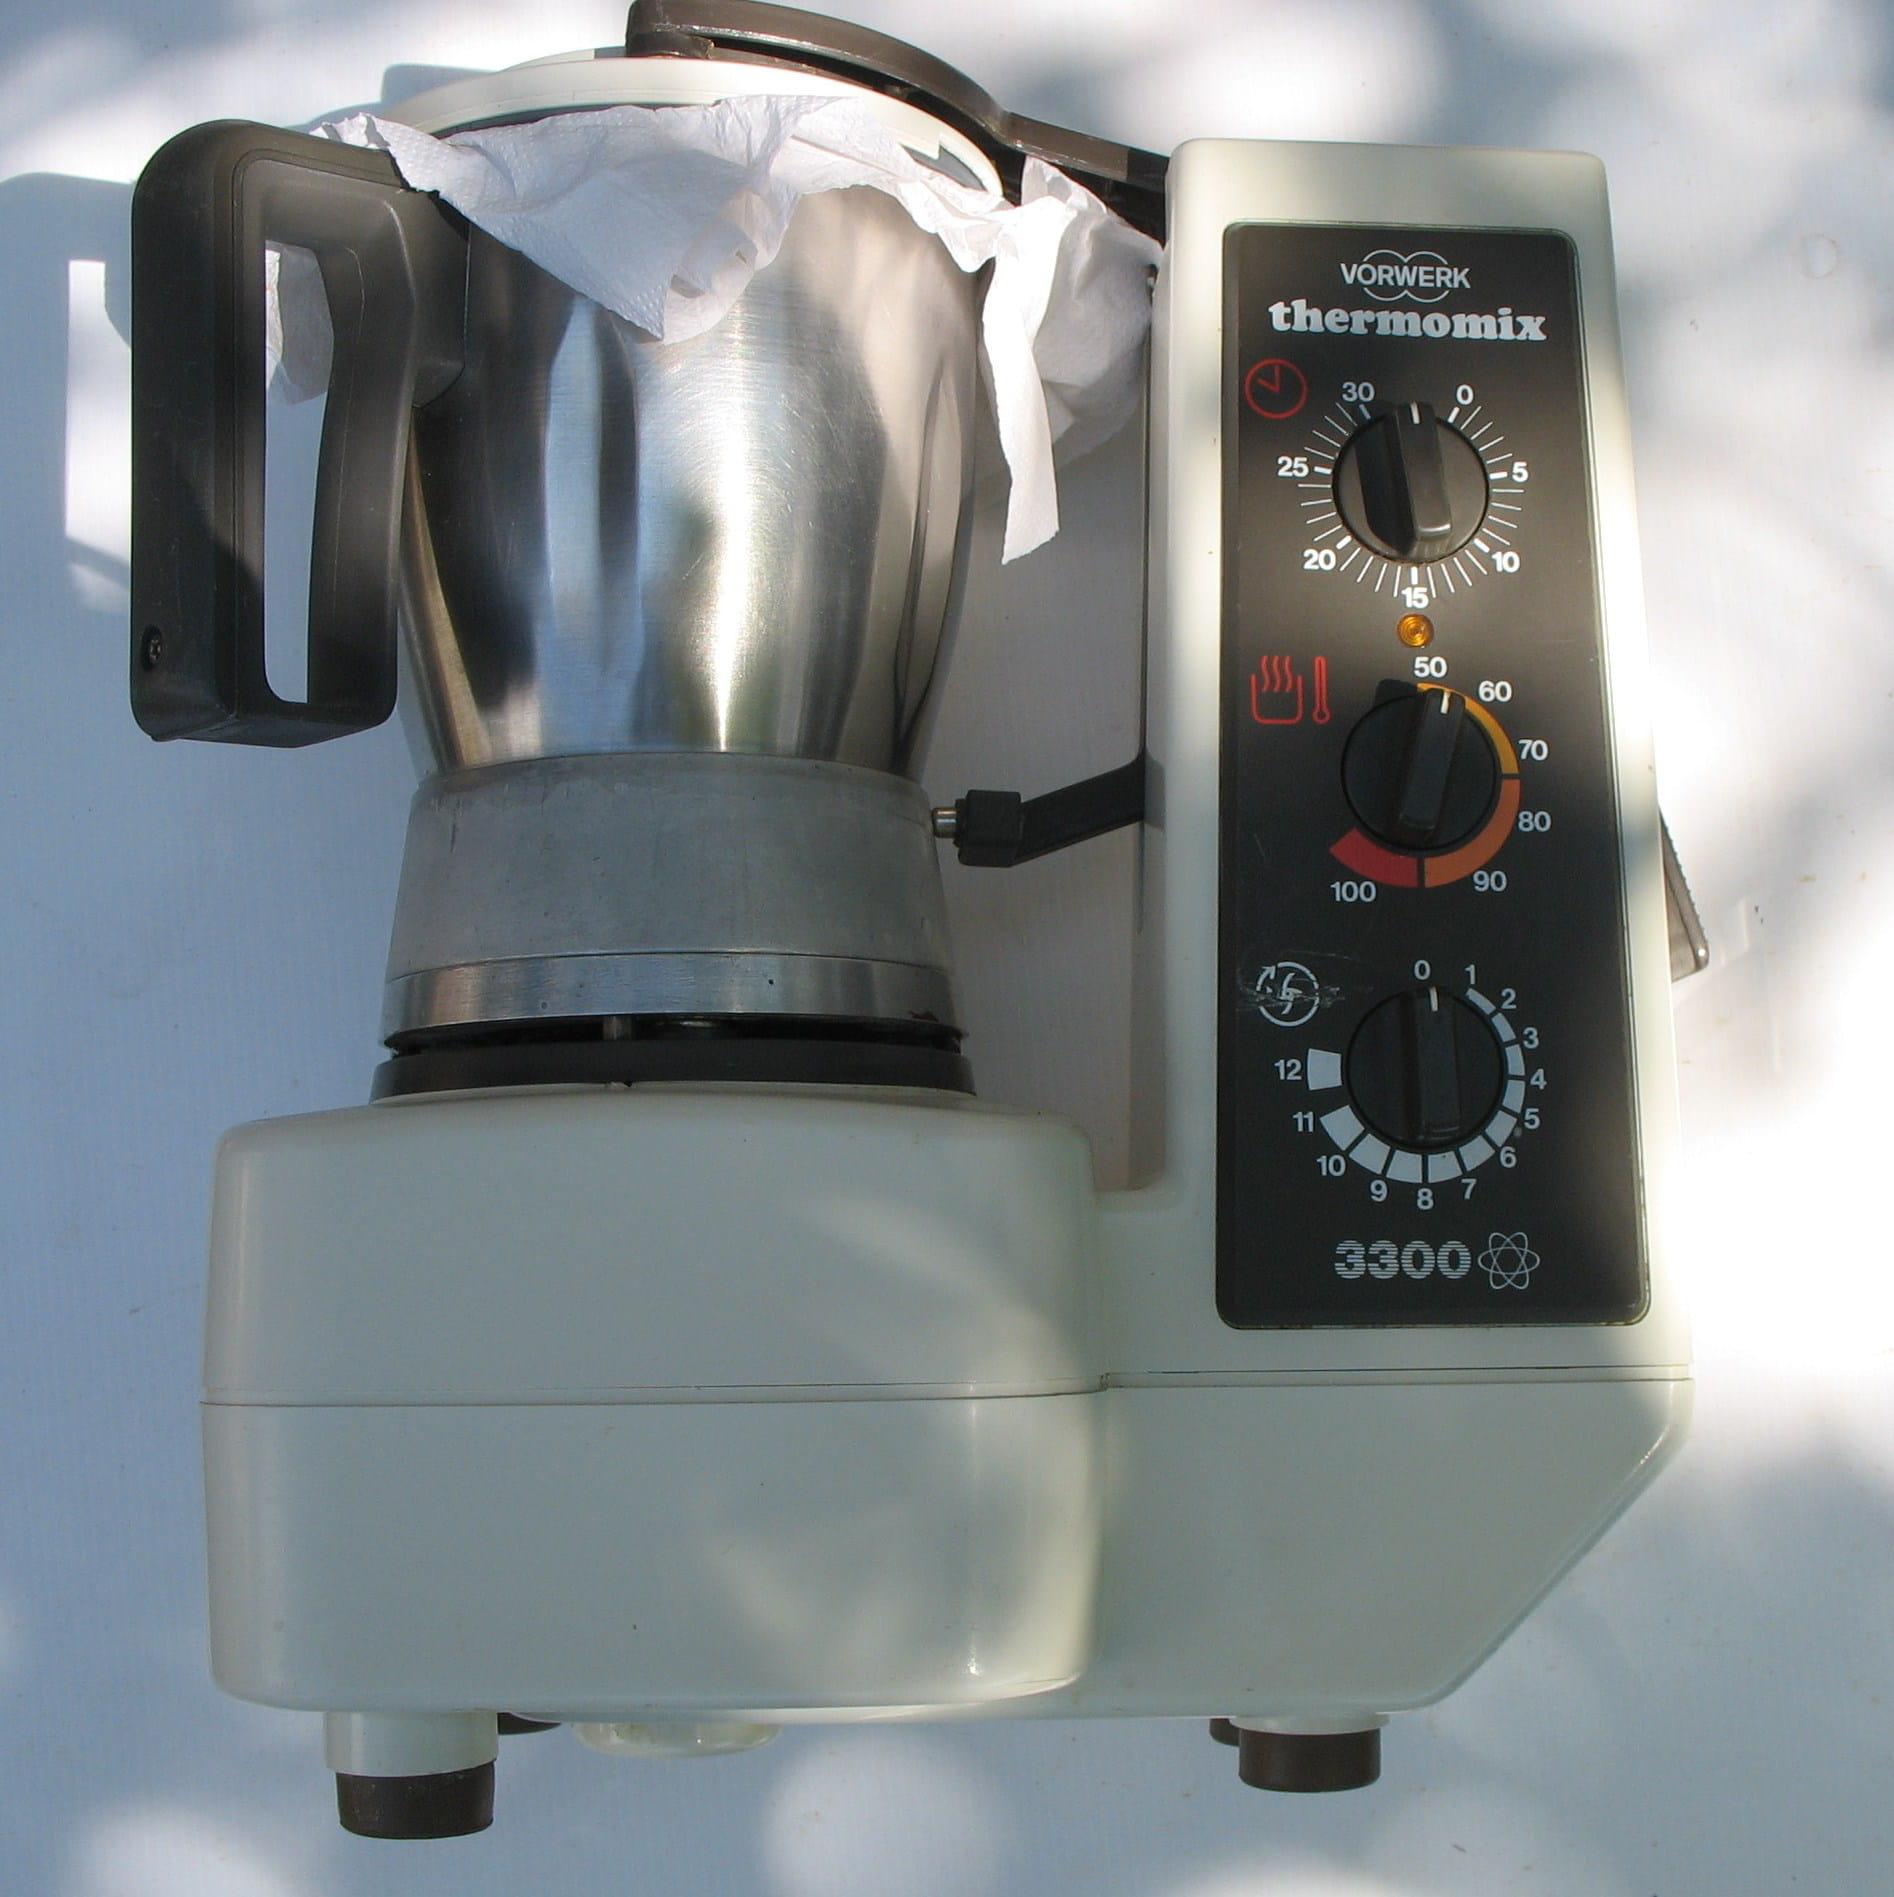 CORDON ELECTRIQUE pour  VORWERK THERMOMIX TM3300 3300